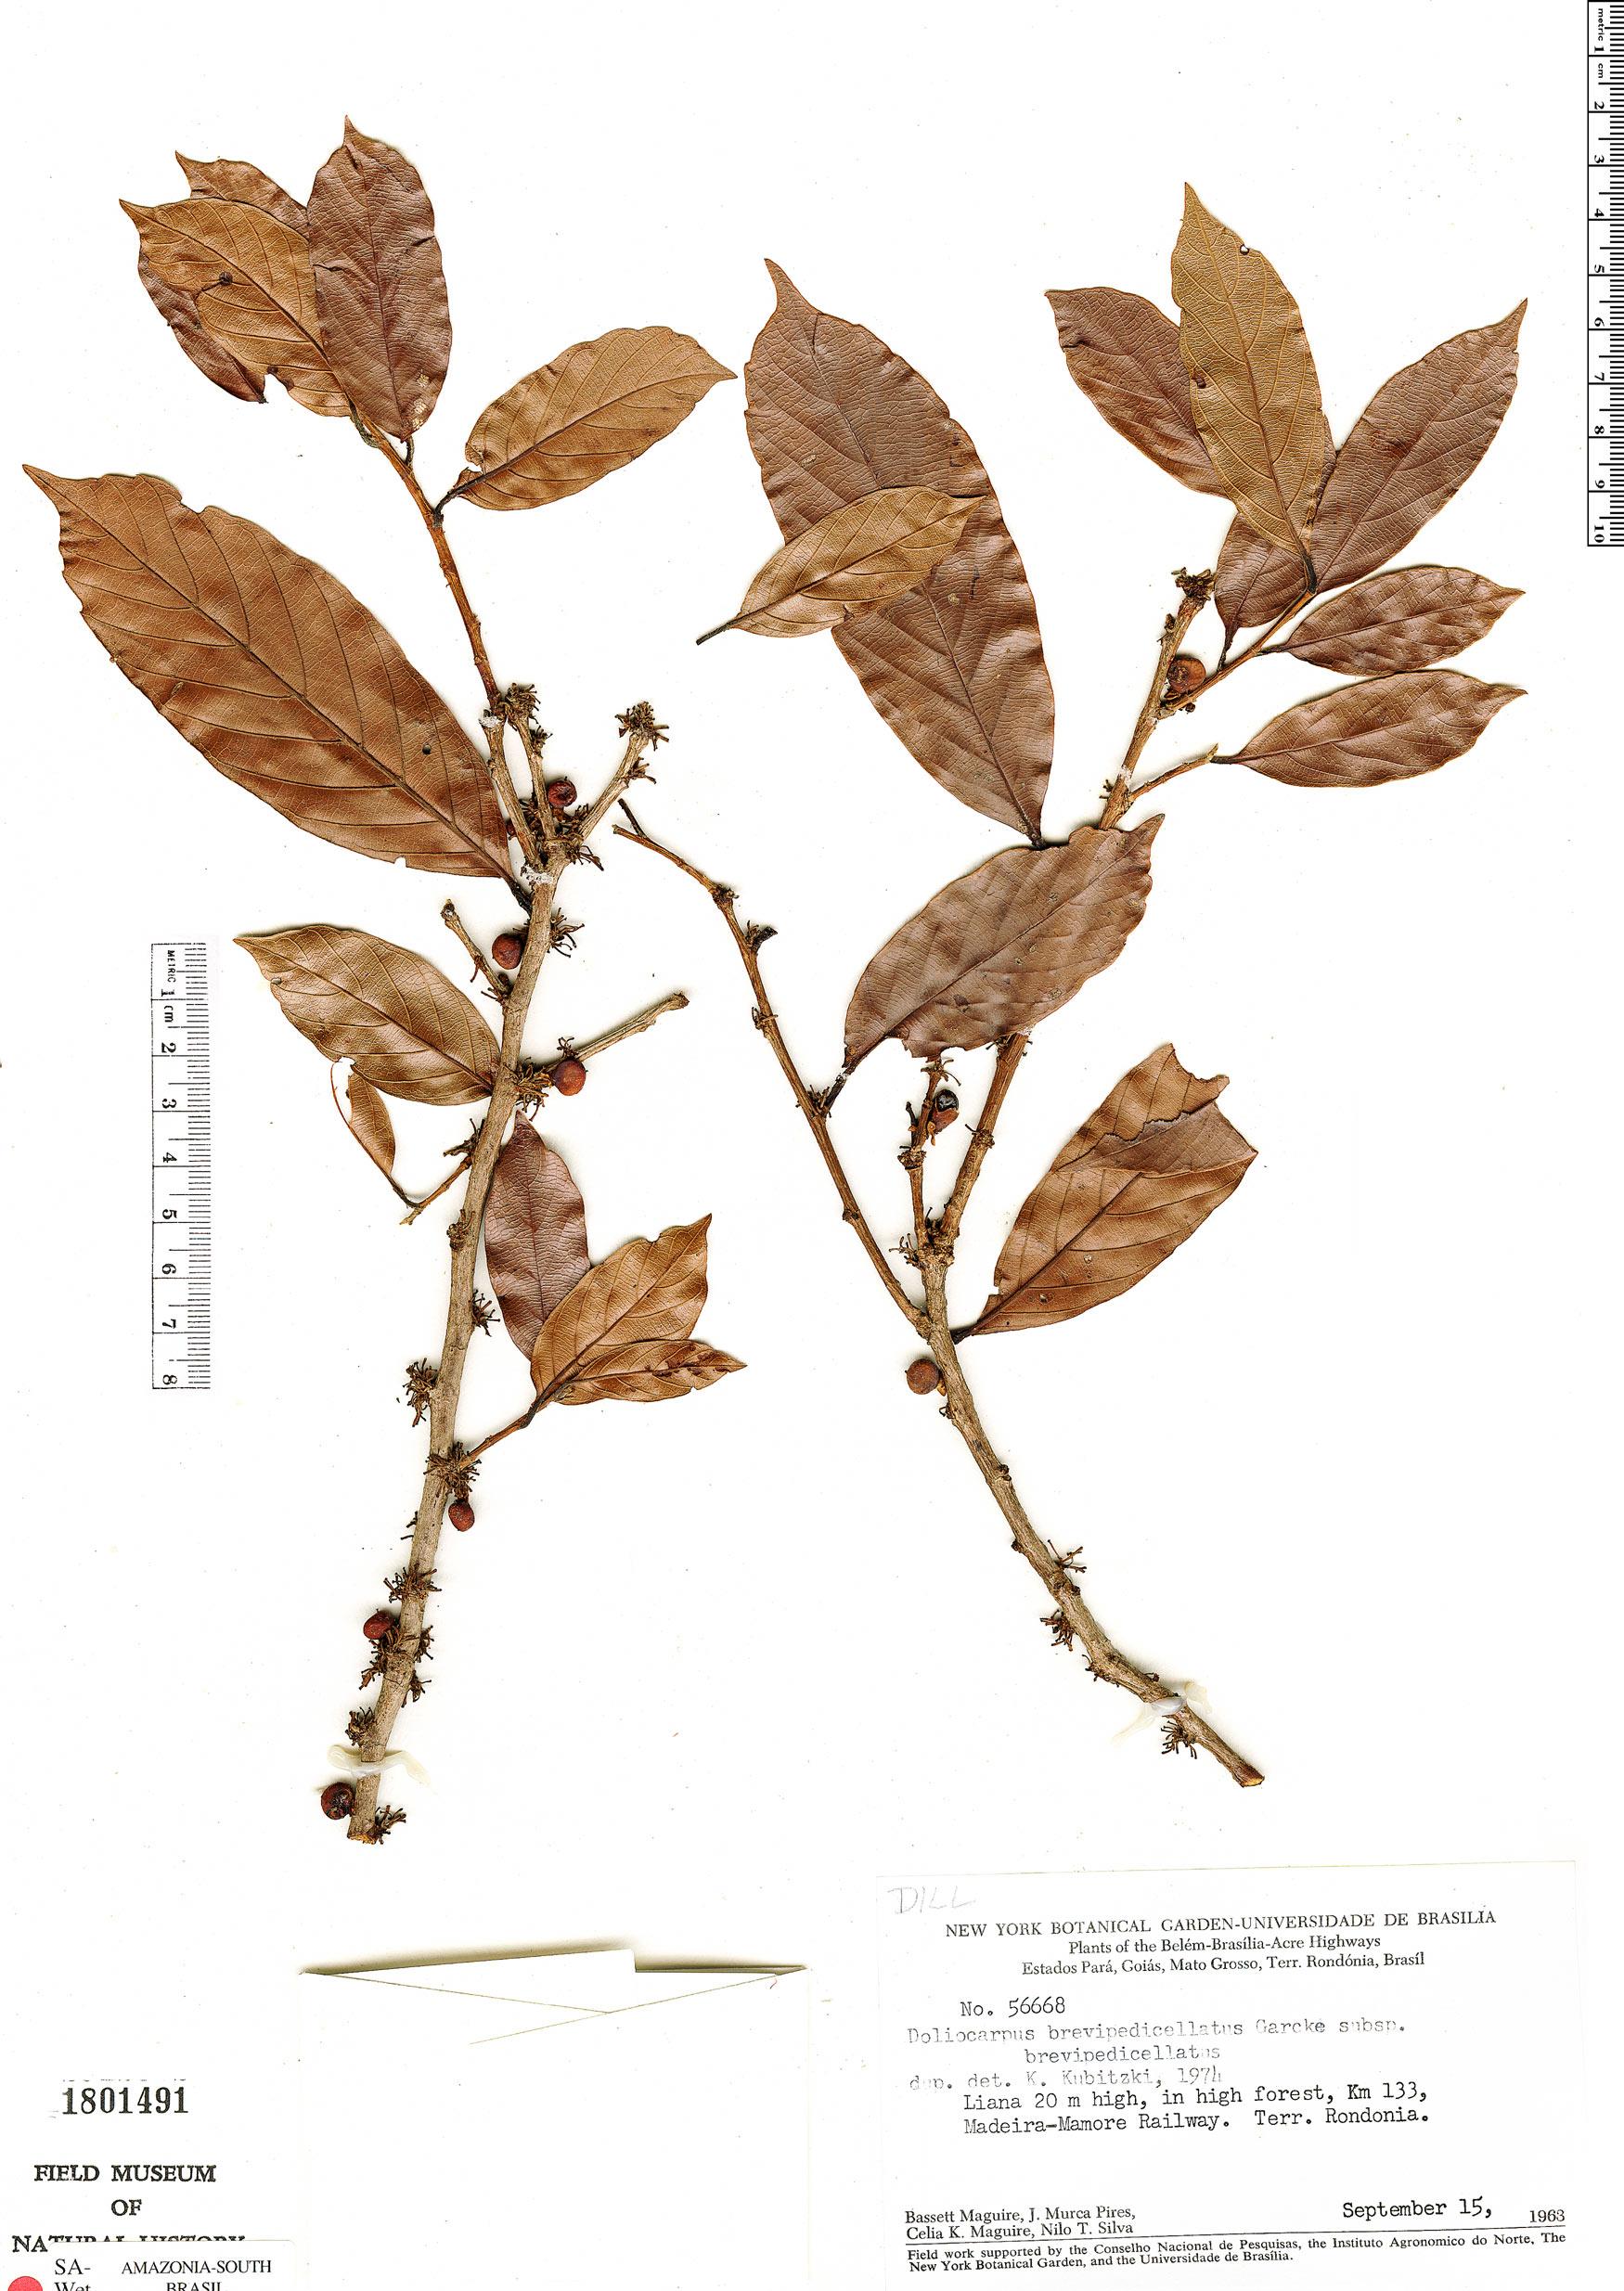 Specimen: Doliocarpus brevipedicellatus